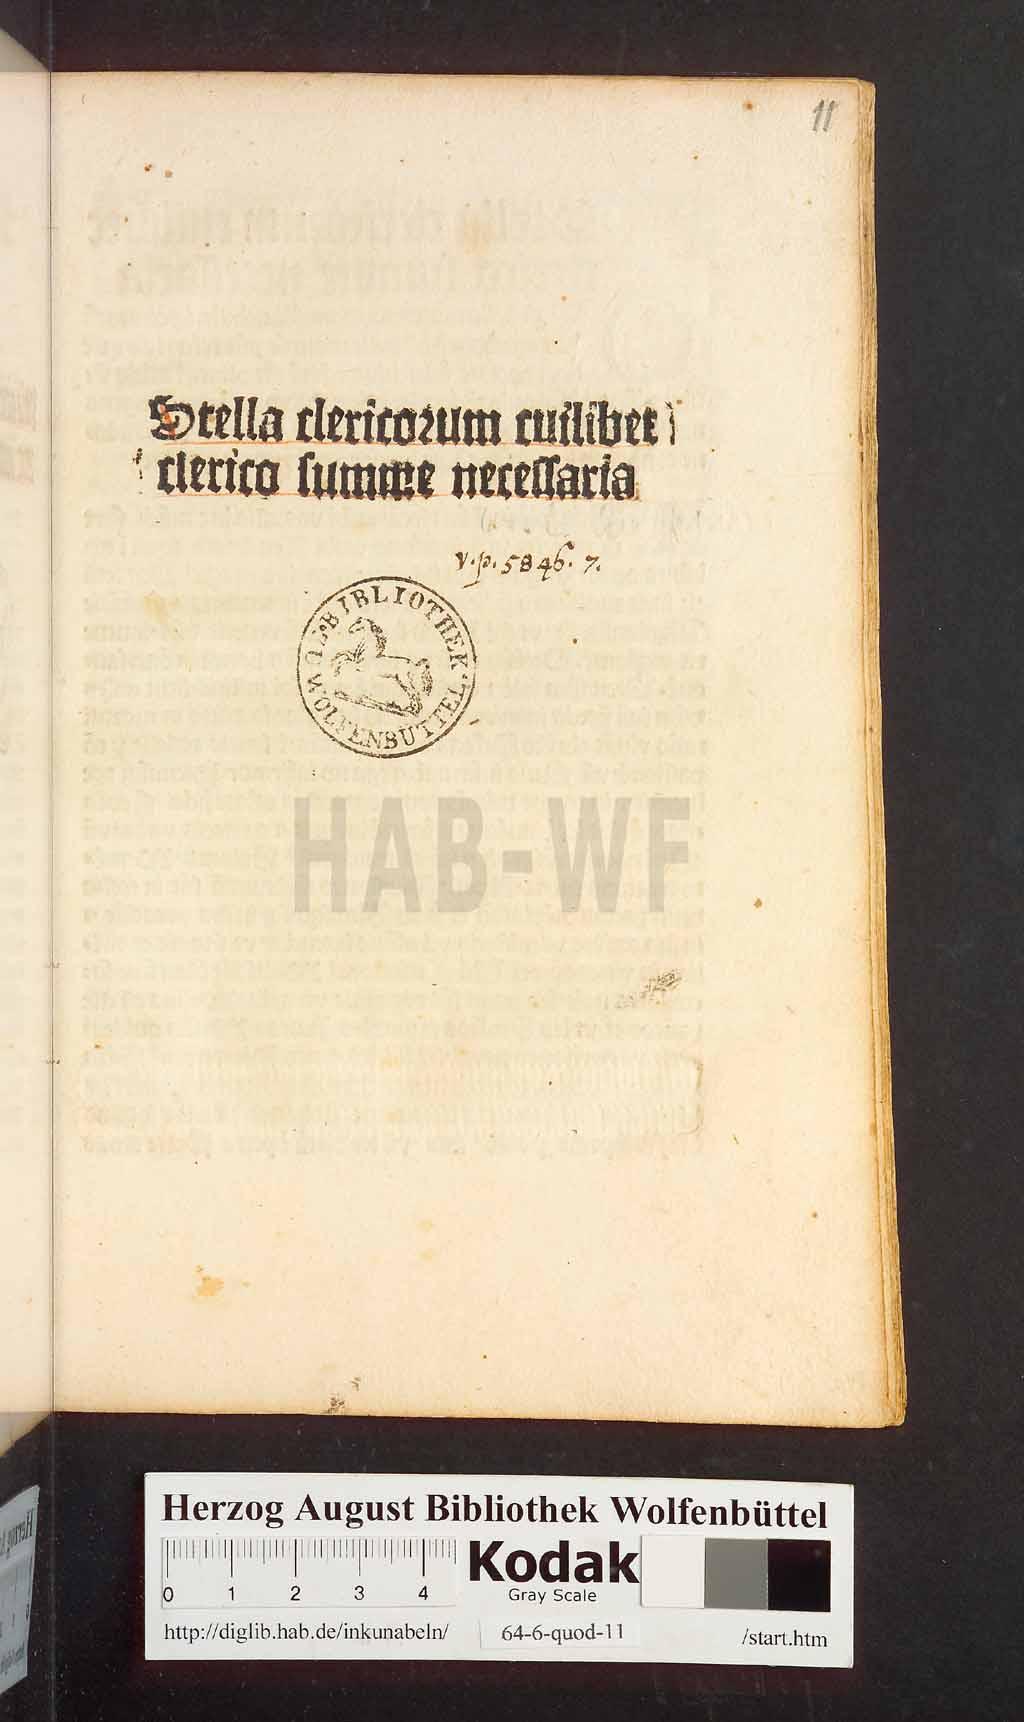 http://diglib.hab.de/inkunabeln/64-6-quod-11/00001.jpg